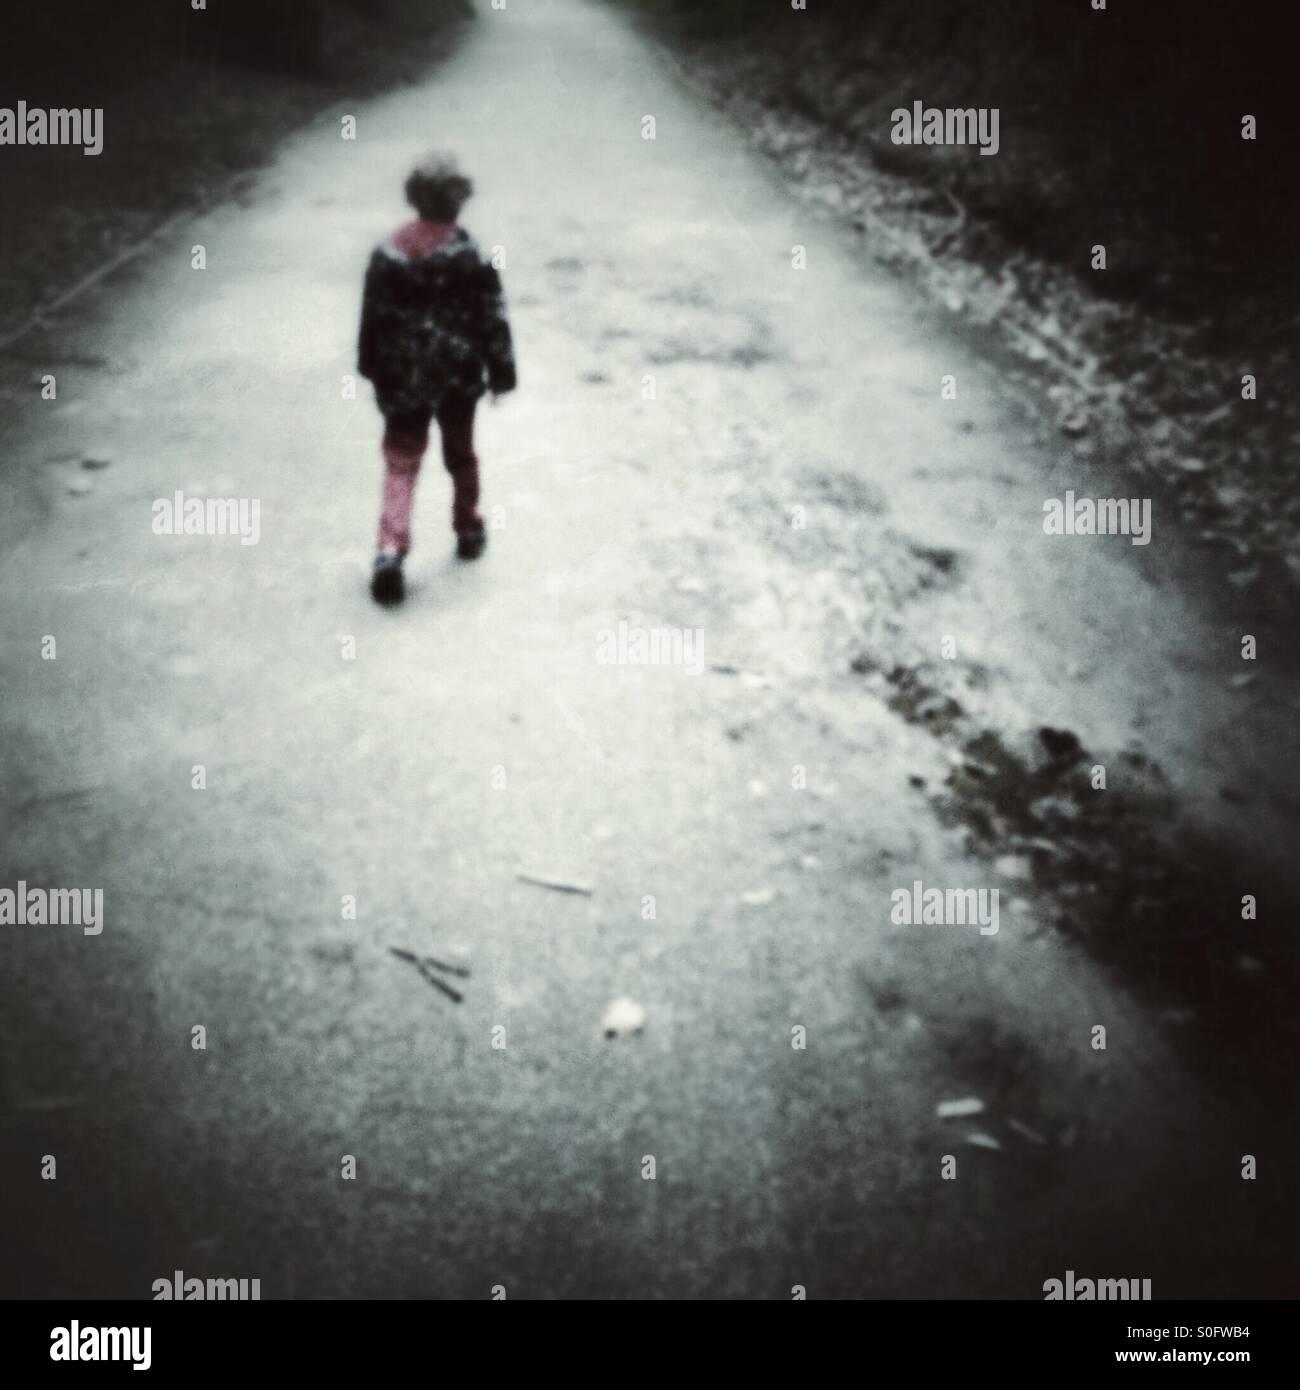 Child walking along a path - Stock Image